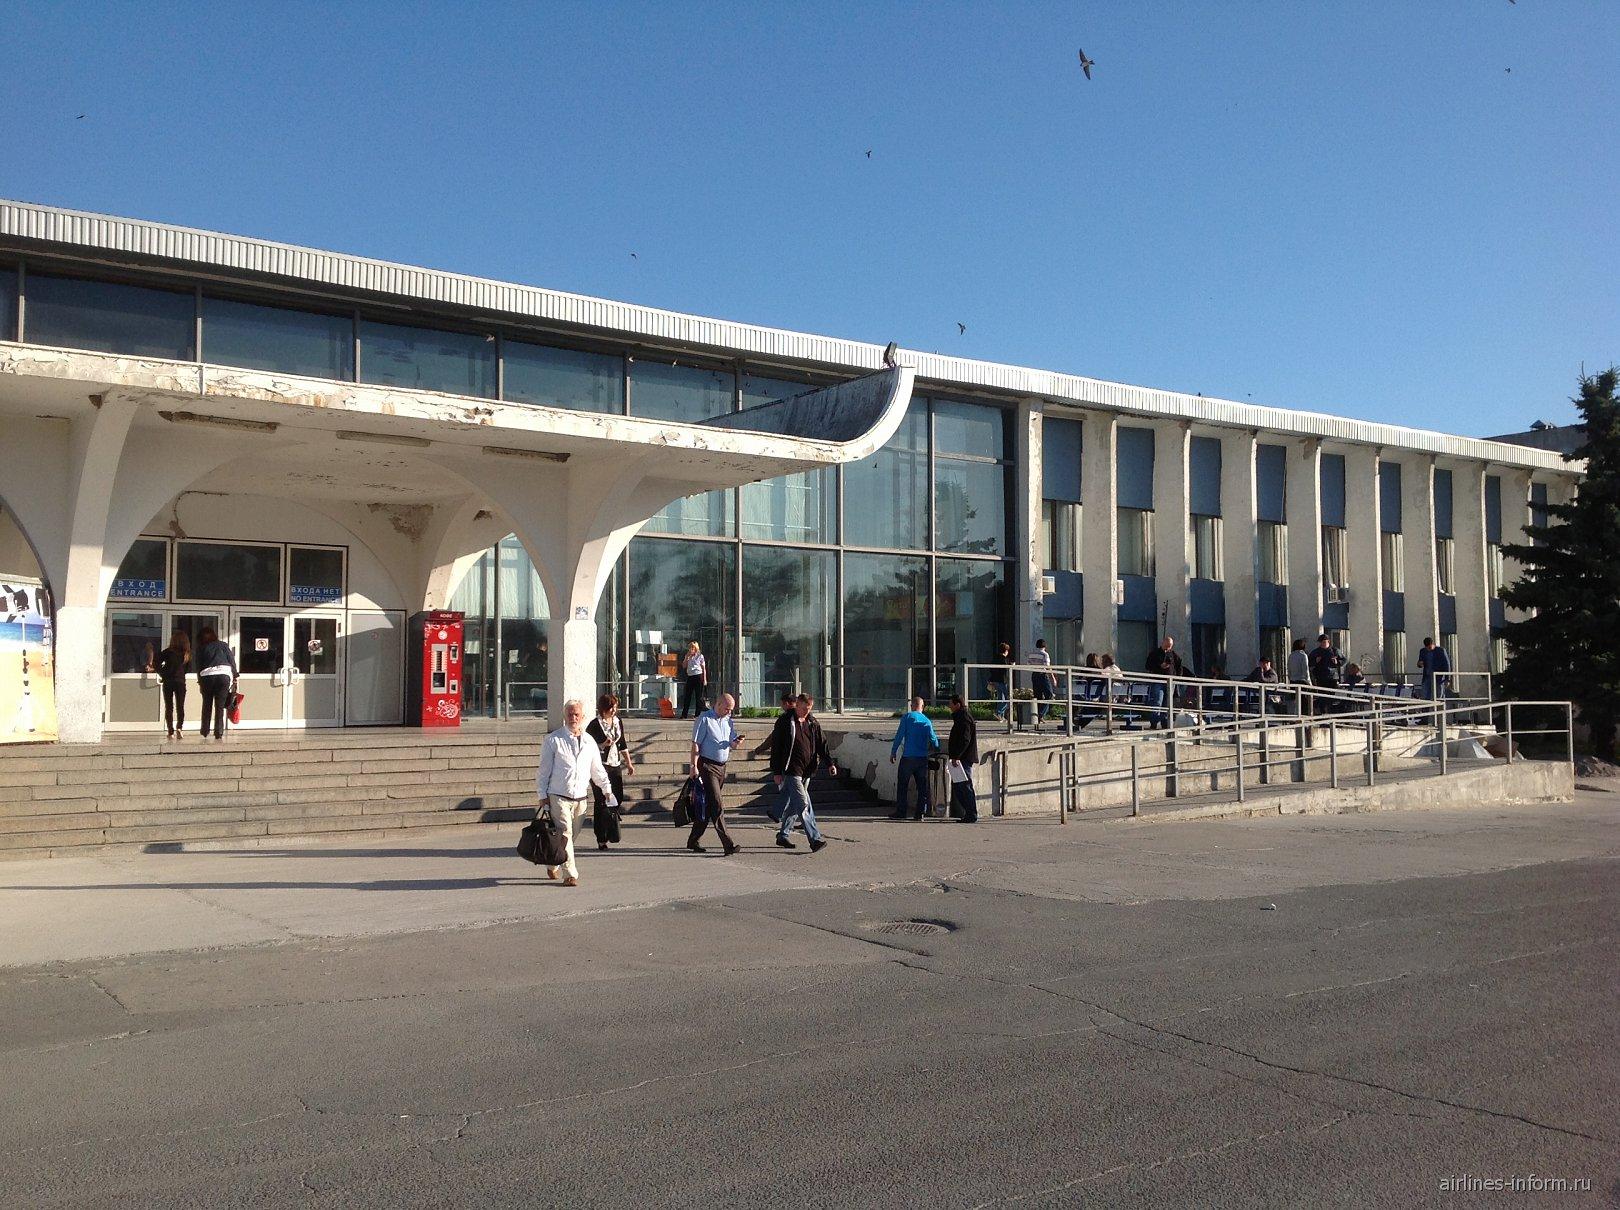 Аэровокзал аэропорта Храброво в Калининграде